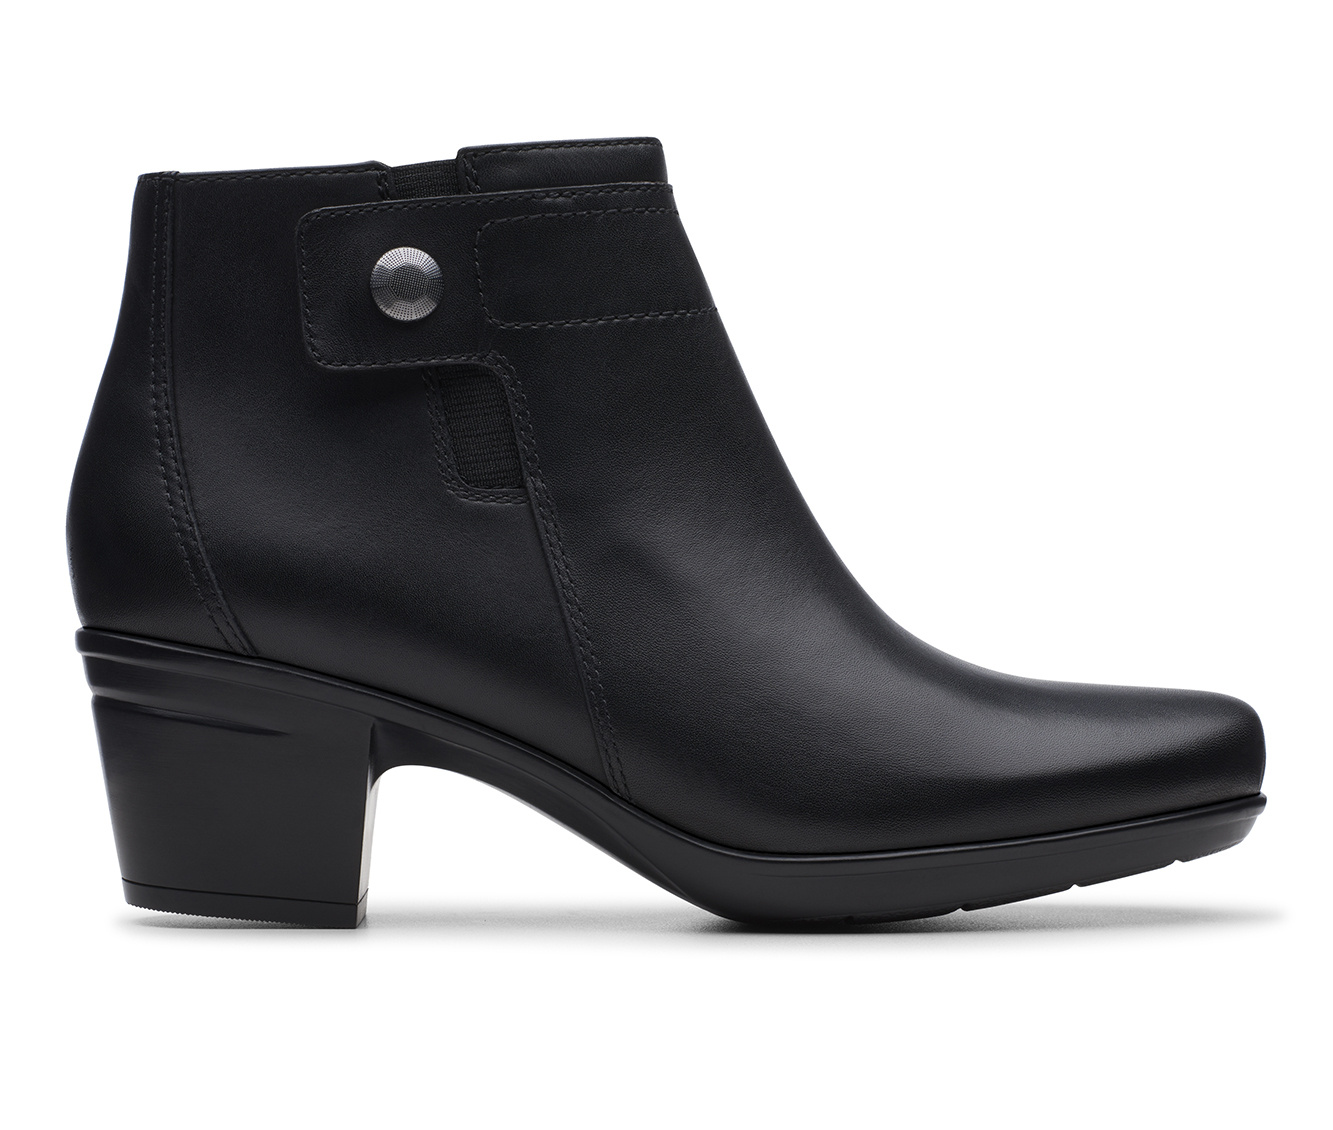 Clarks Emslie Jada Women's Boot (Black Leather)